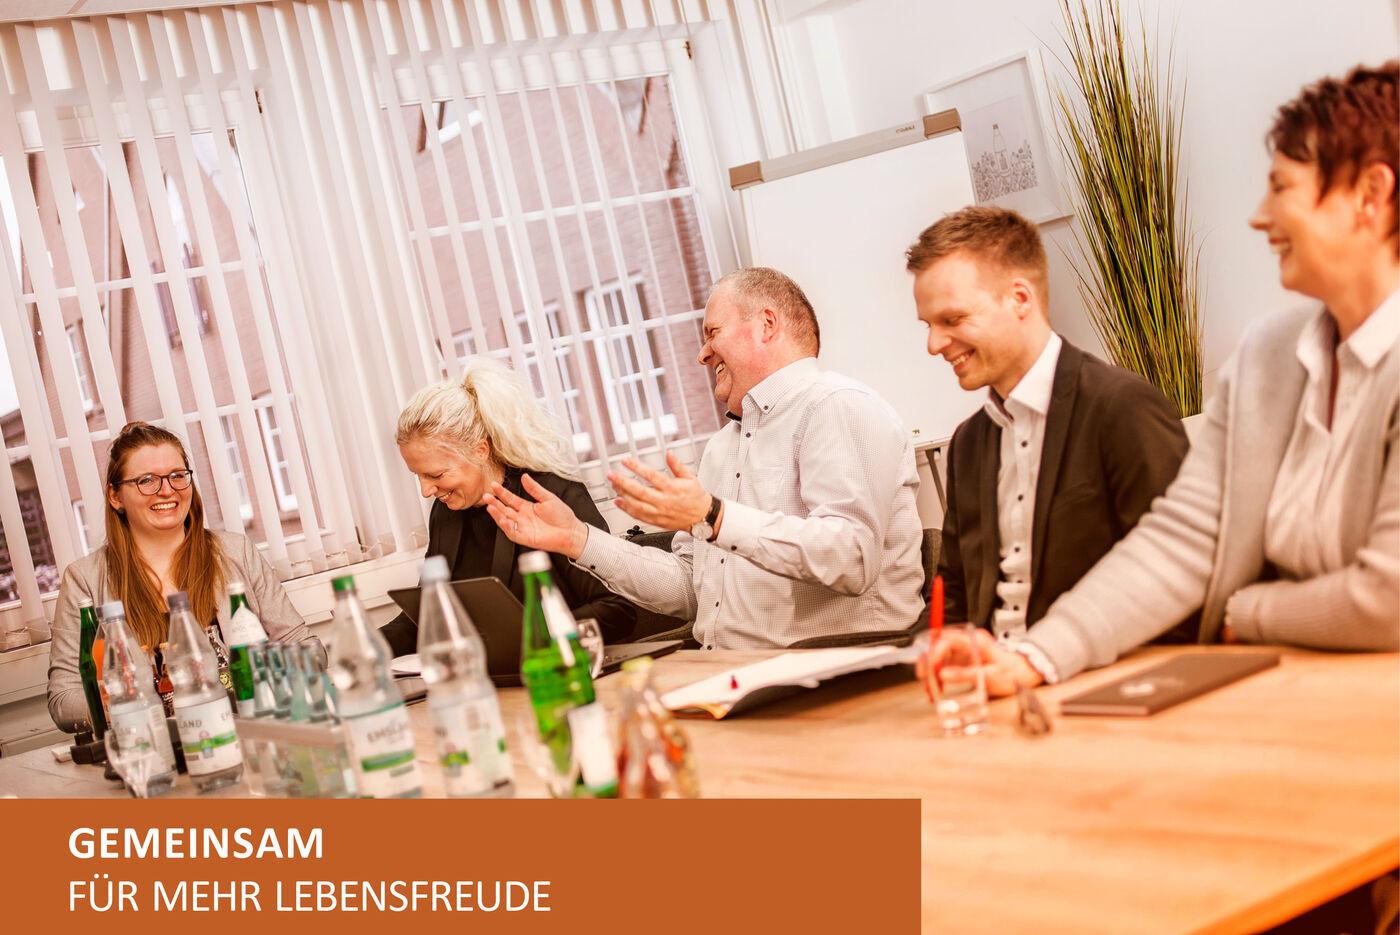 Key Account Manager FMCG-Bereich (w/m/d) - Job Home office - Karriere bei Berentzen